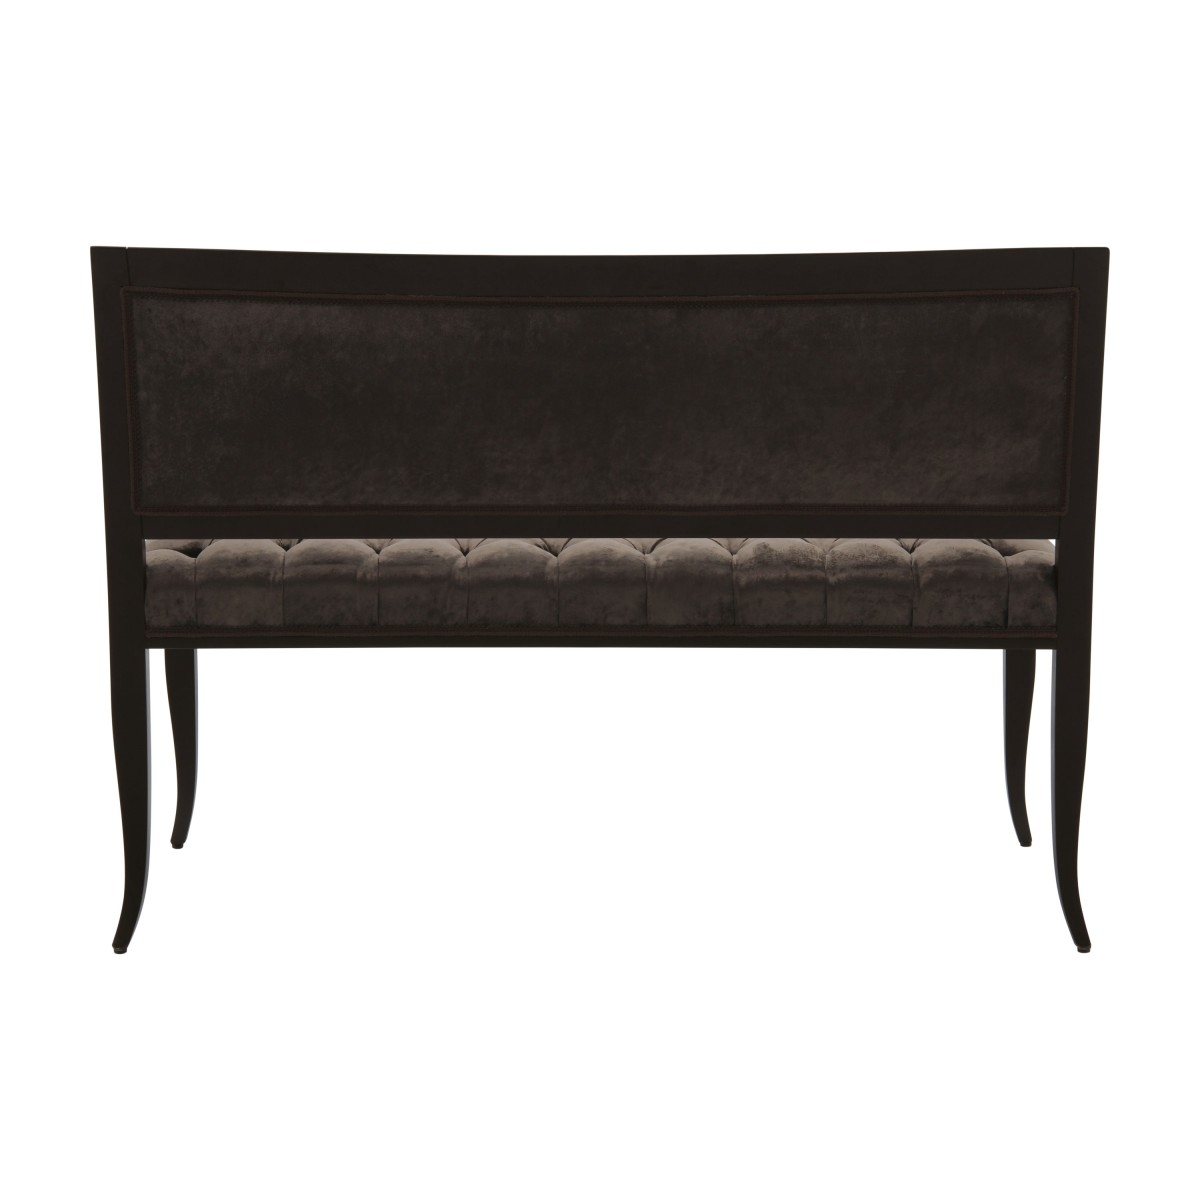 2 Seater sofa Calliope - Sevensedie